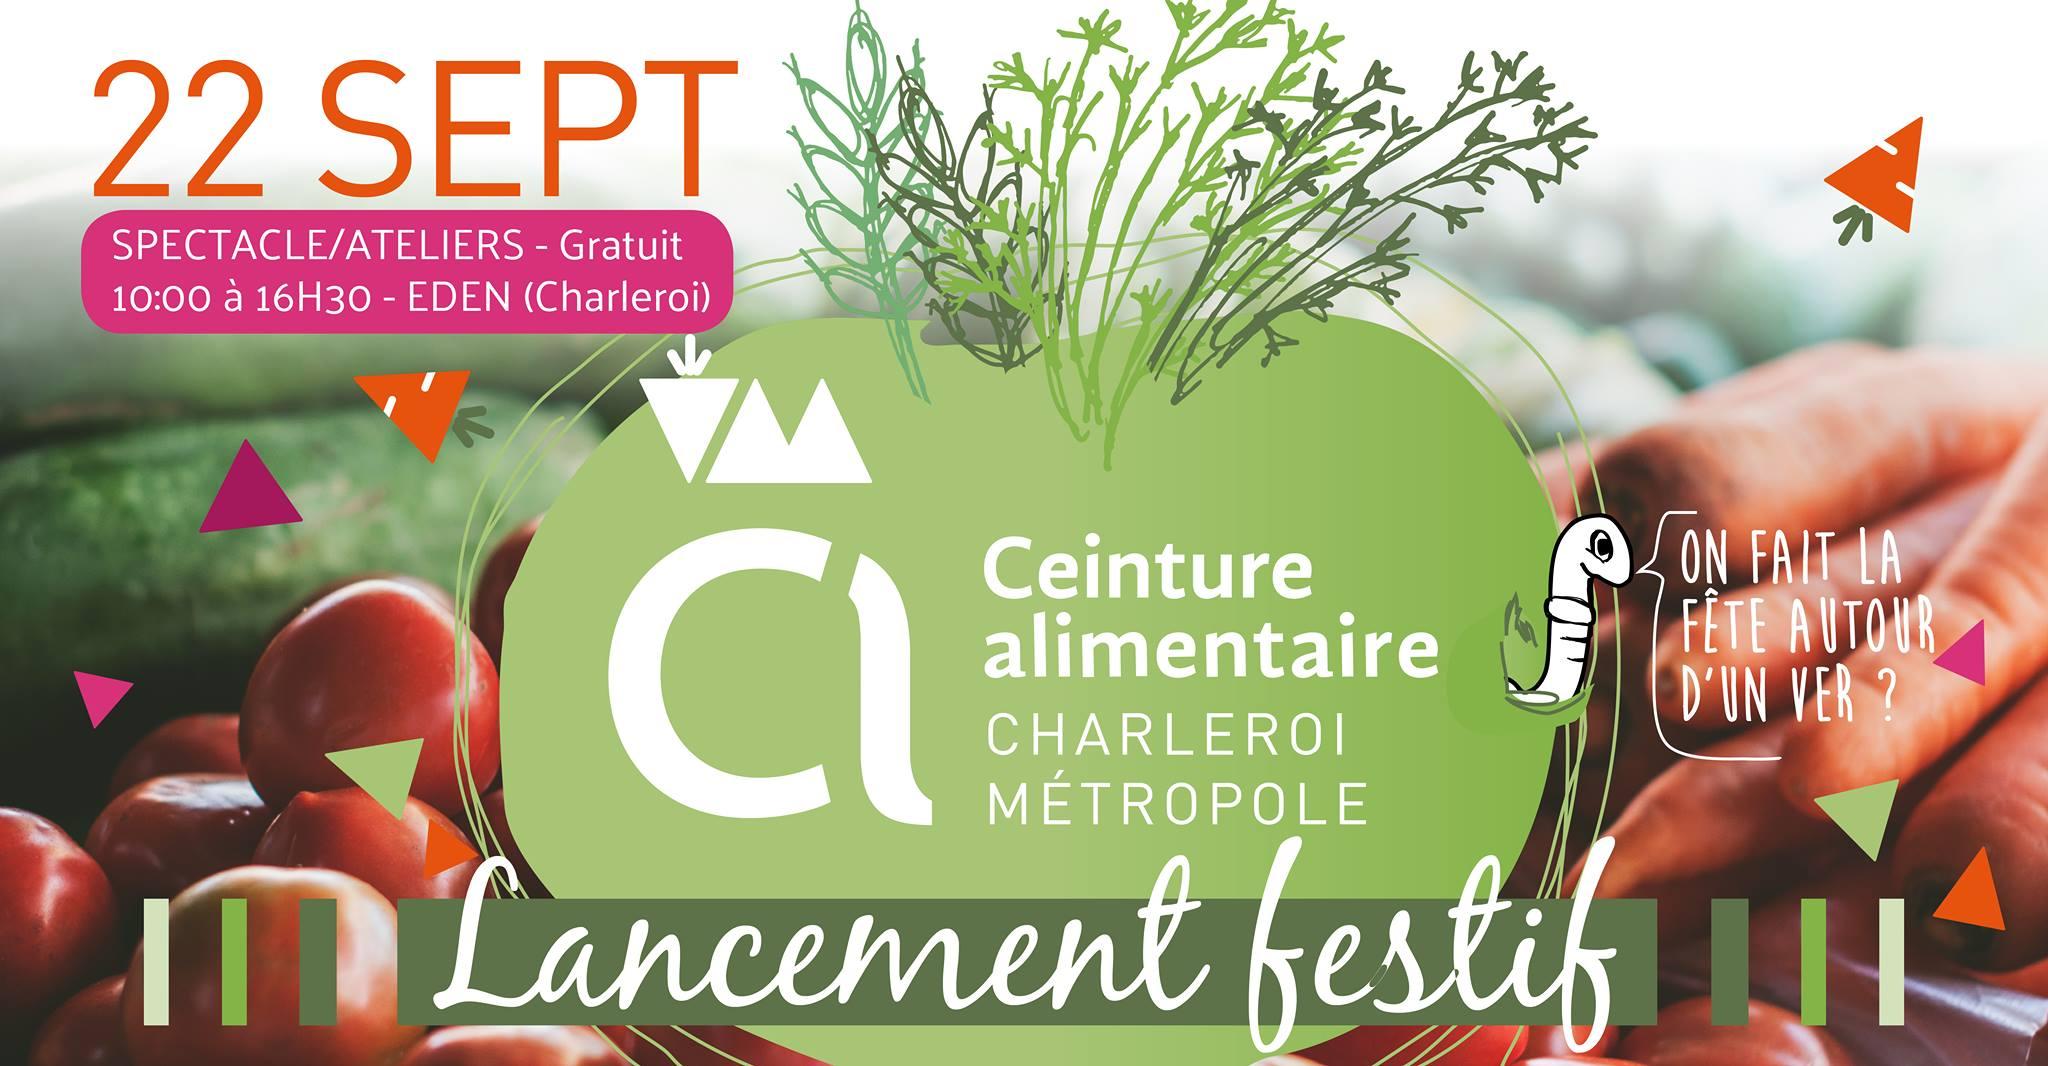 Qu'est ce qu'on mange – Théâtre + lancement festif de la ceinture alimentaire Charleroi